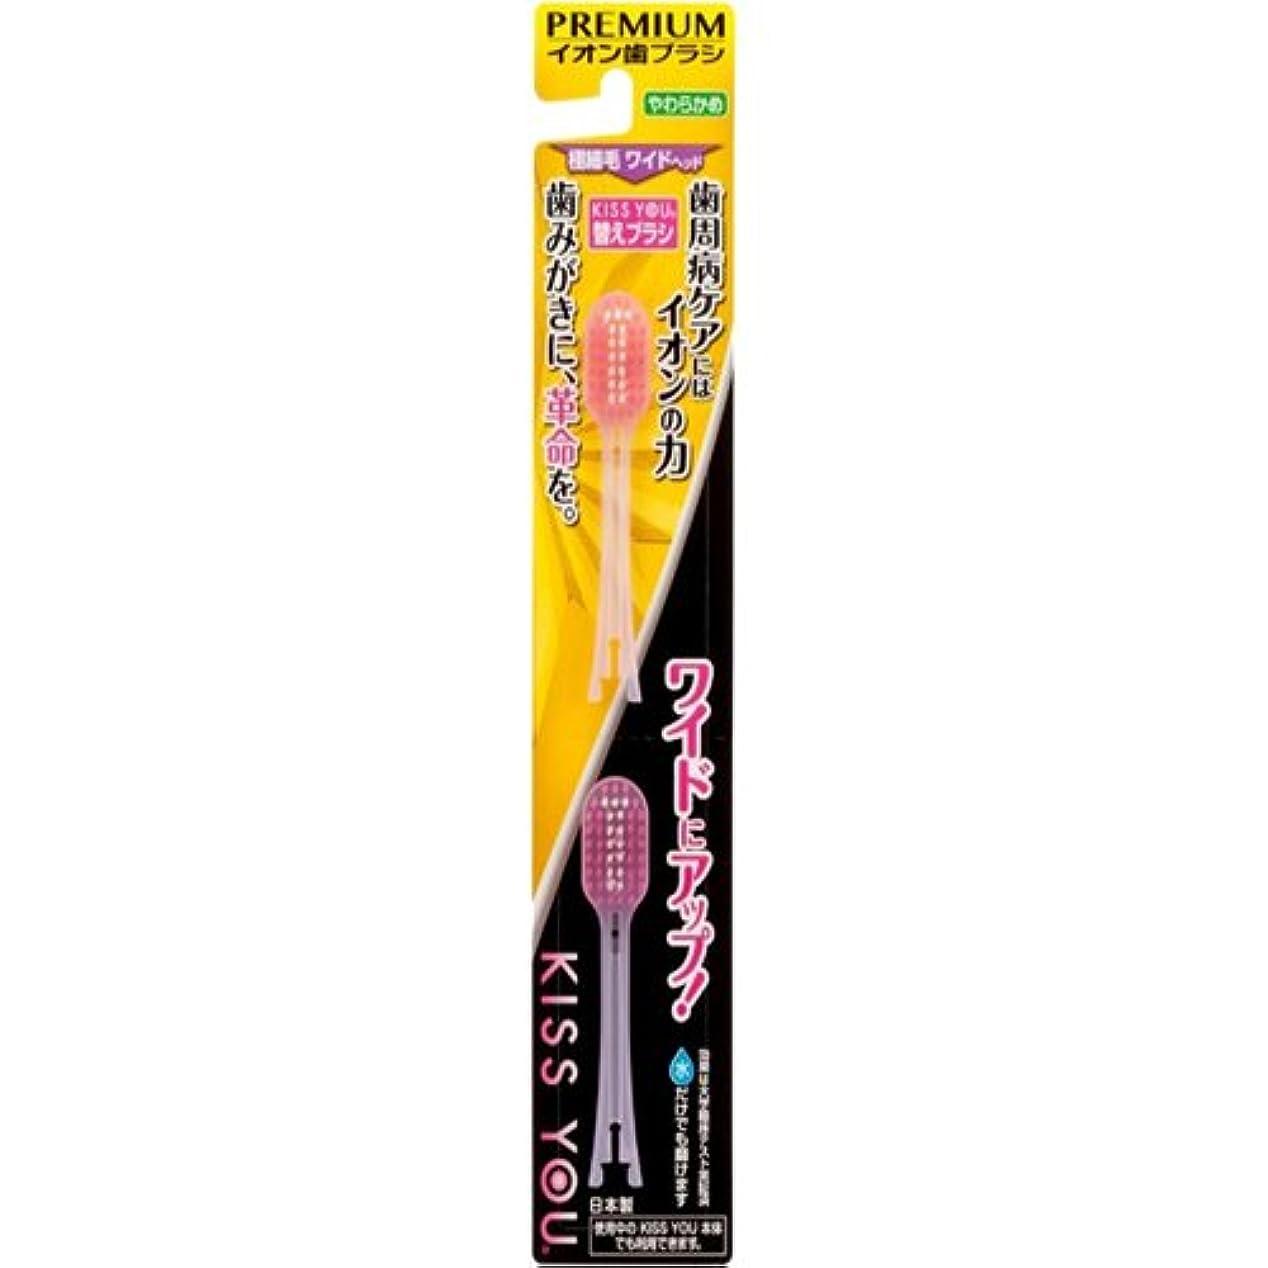 ジョージスティーブンソン上流の好みフクバデンタル キスユー ワイドヘッド歯ブラシ 替え やわらかめ